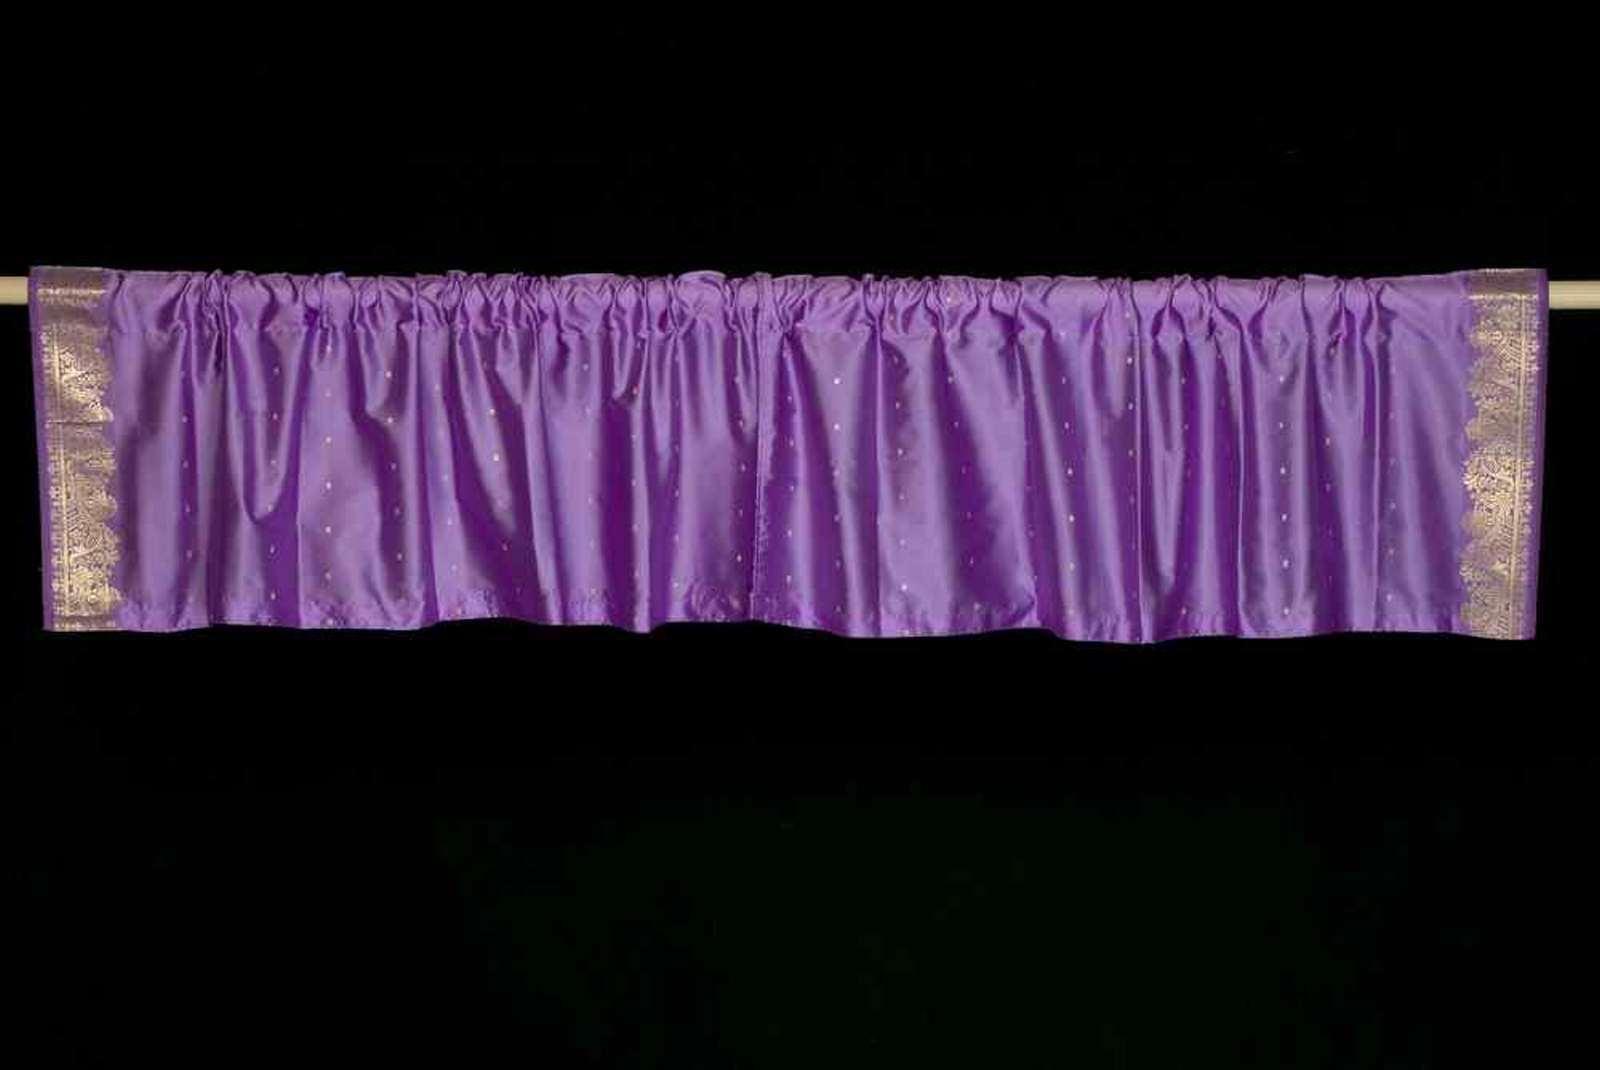 Lavendel - Stab Tasche Oben es aus Handgefertigt Sari Volant Volant Volant - Paar | Zu verkaufen  | Die Qualität Und Die Verbraucher Zunächst  152ae3